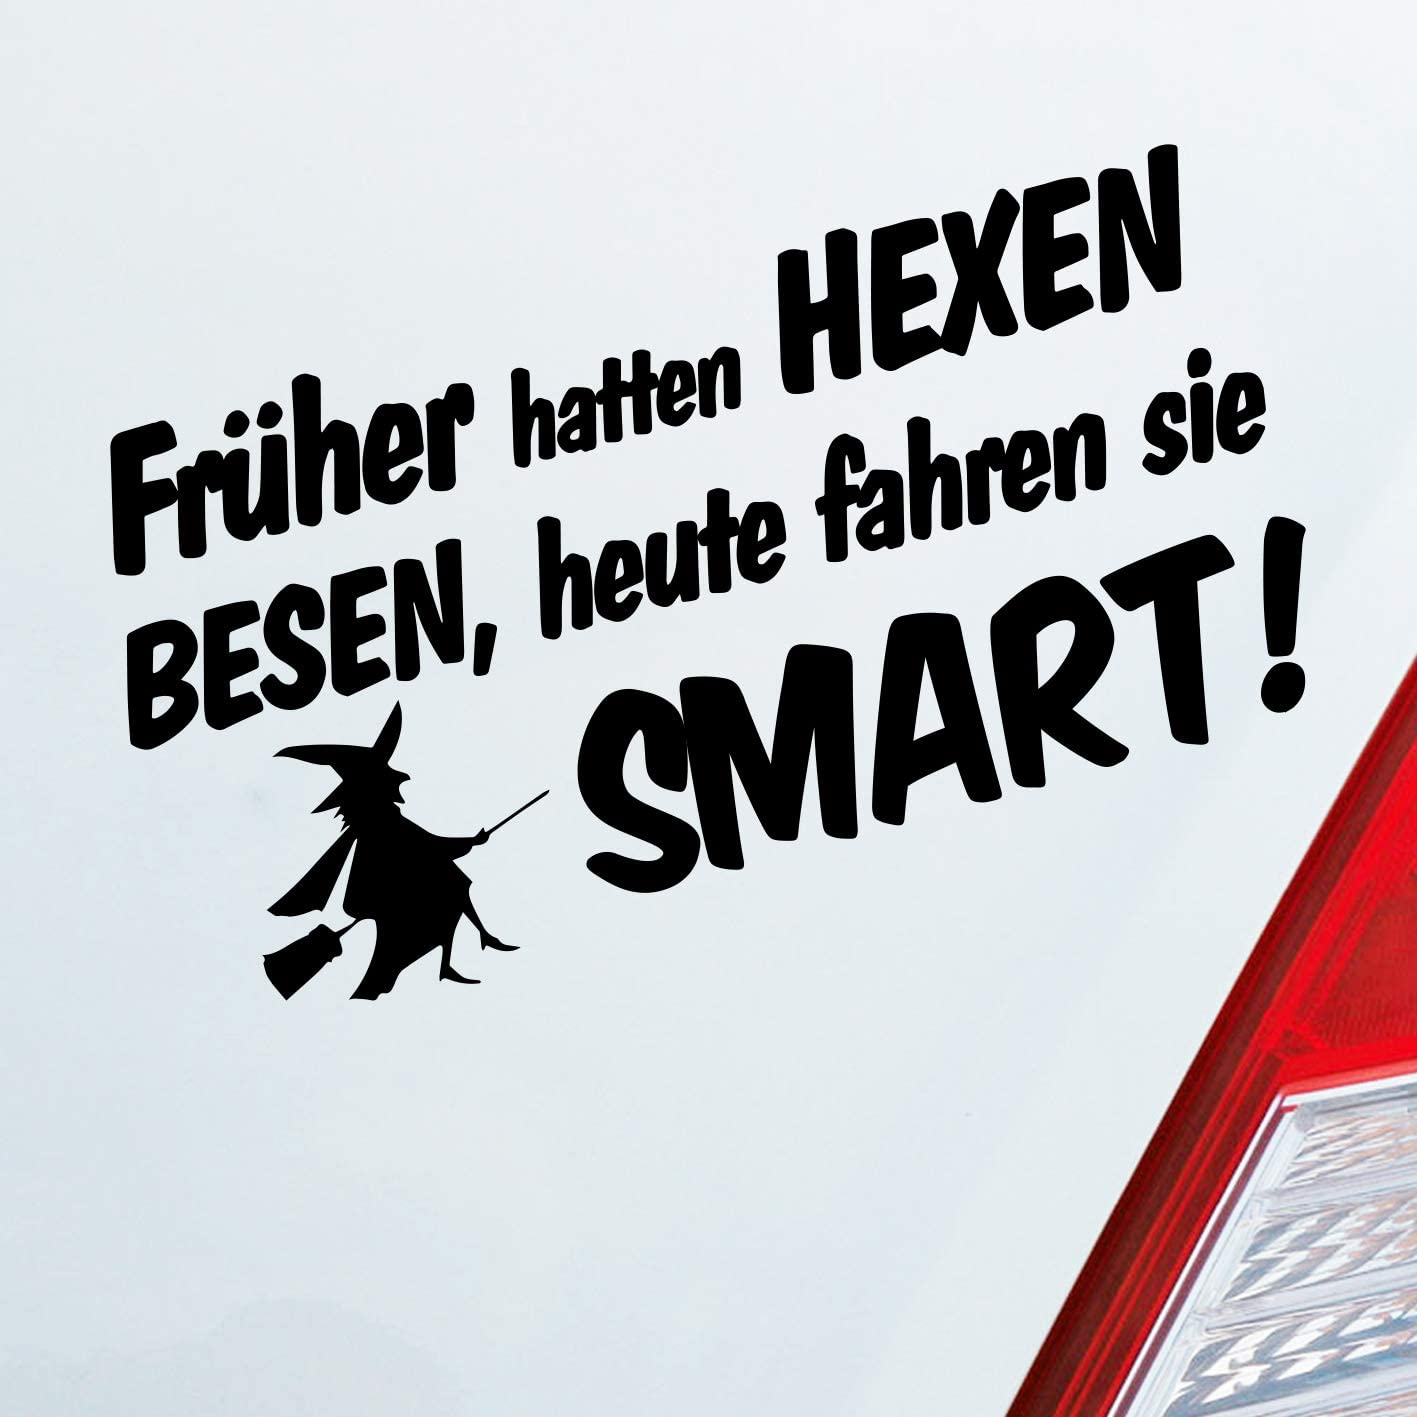 Auto Aufkleber In Deiner Wunschfarbe Früher Hatten Hexen Besen Heute Fahren Sie Für Smart Fans Fun 19x10 Cm Sticker Auto